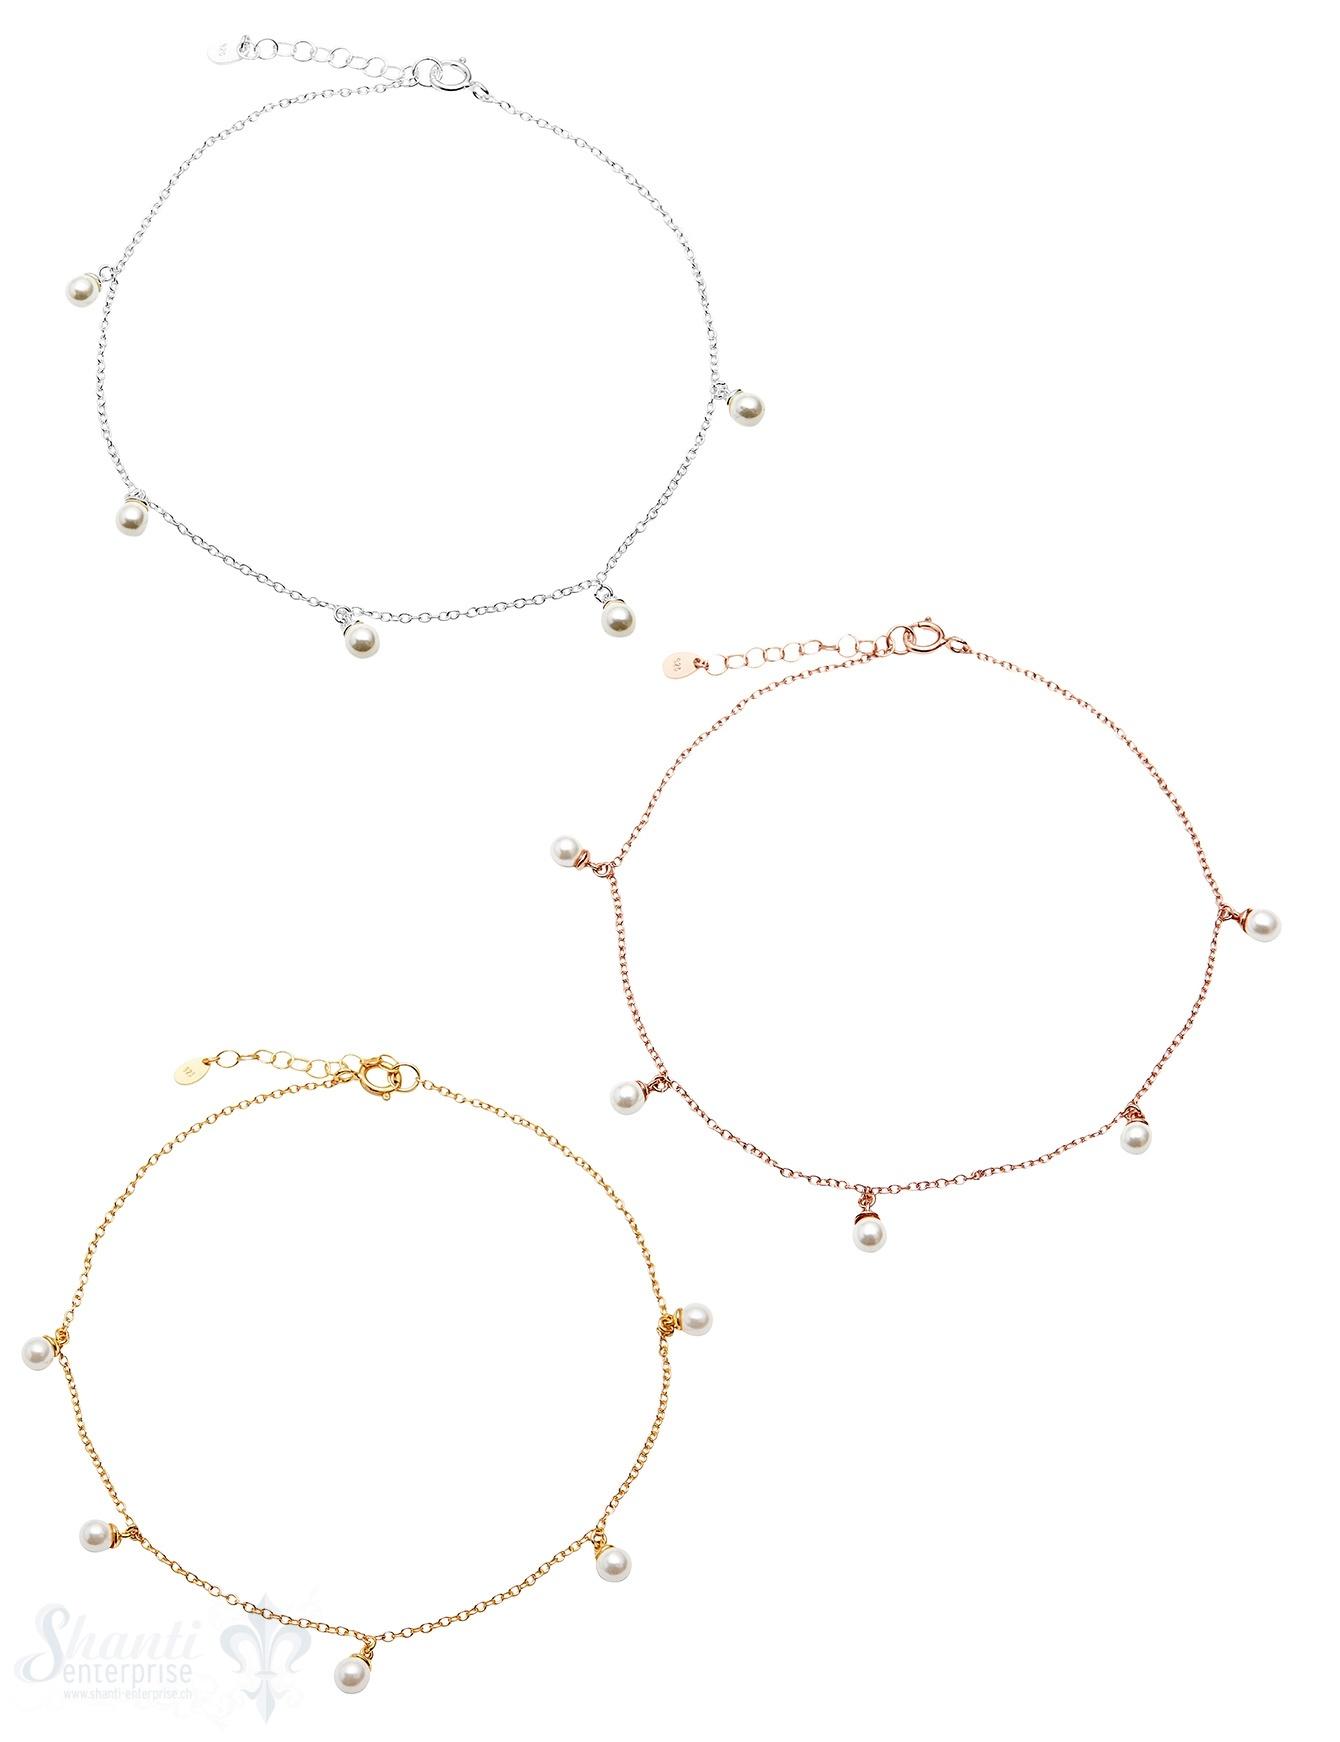 Fussketteli Silber Anker  22-25 cm mit Perlen weiss Federringschloss eq Grössen verstellbar